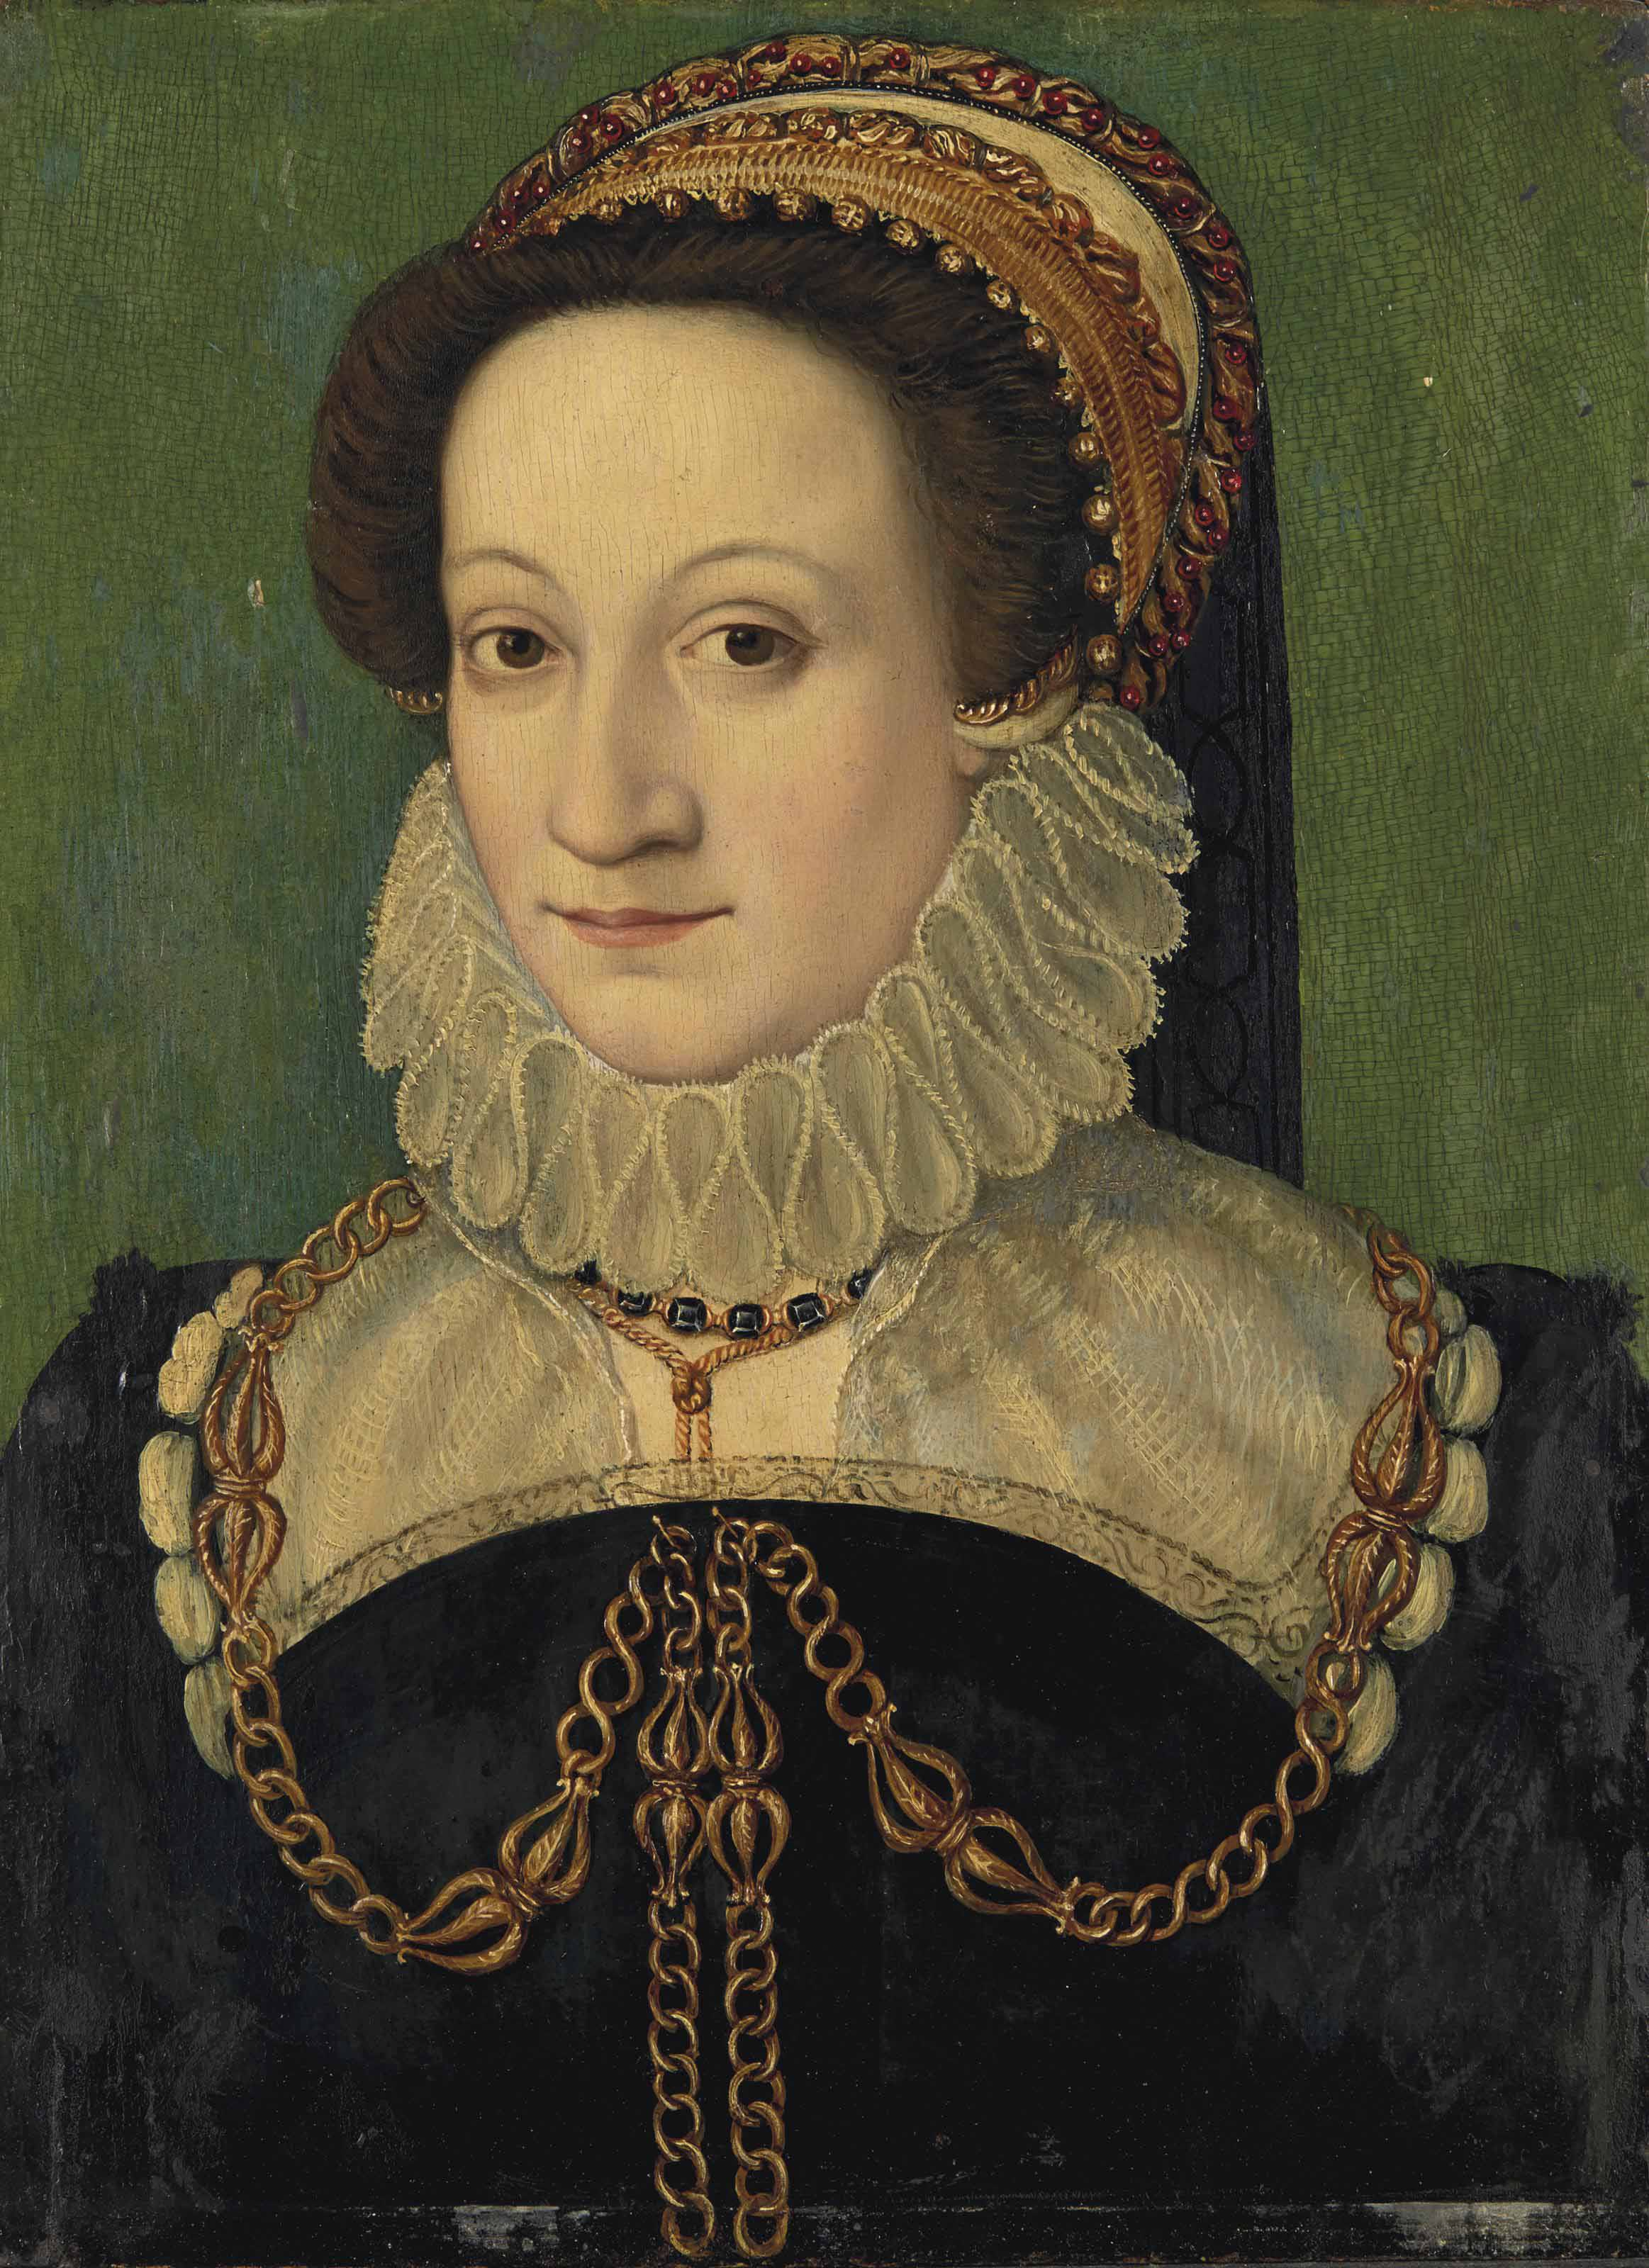 Portrait présumé de Catherine de Médicis (1519-1589), reine de France